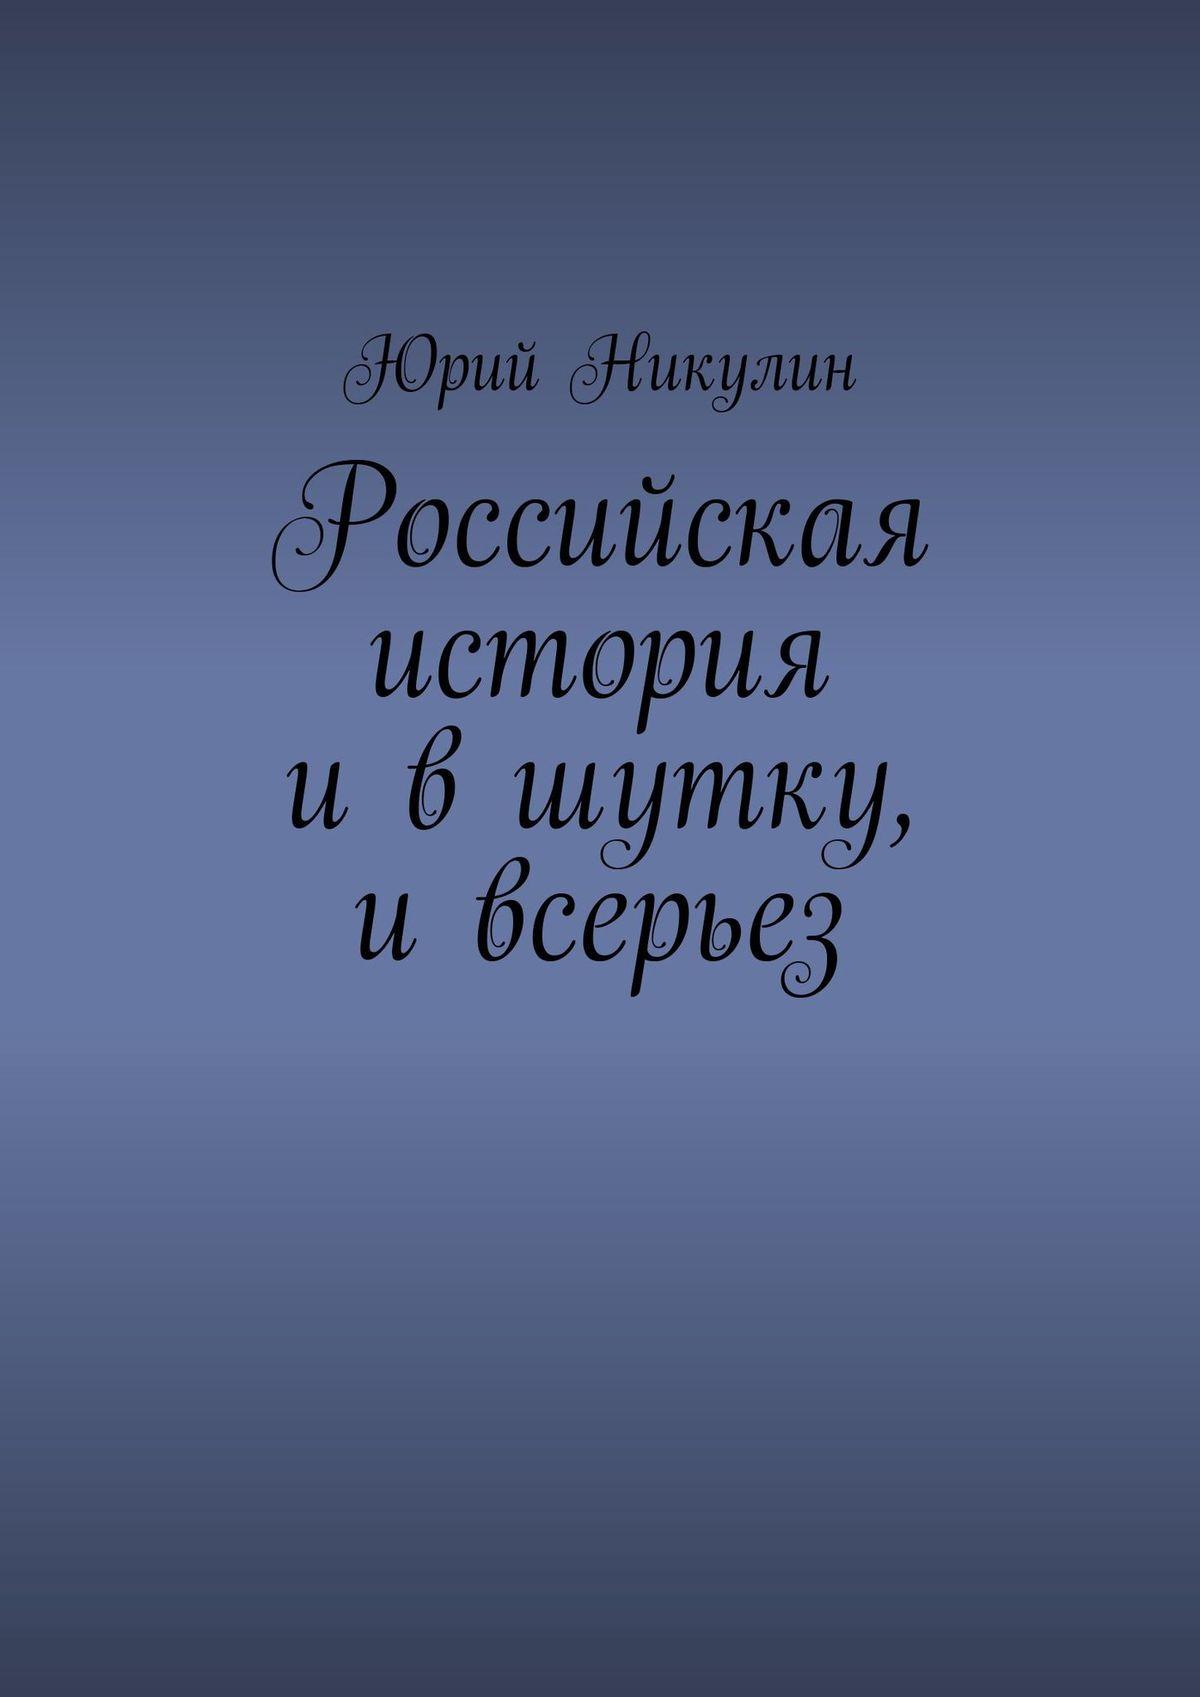 Юрий Никулин Российская история ившутку, ивсерьез